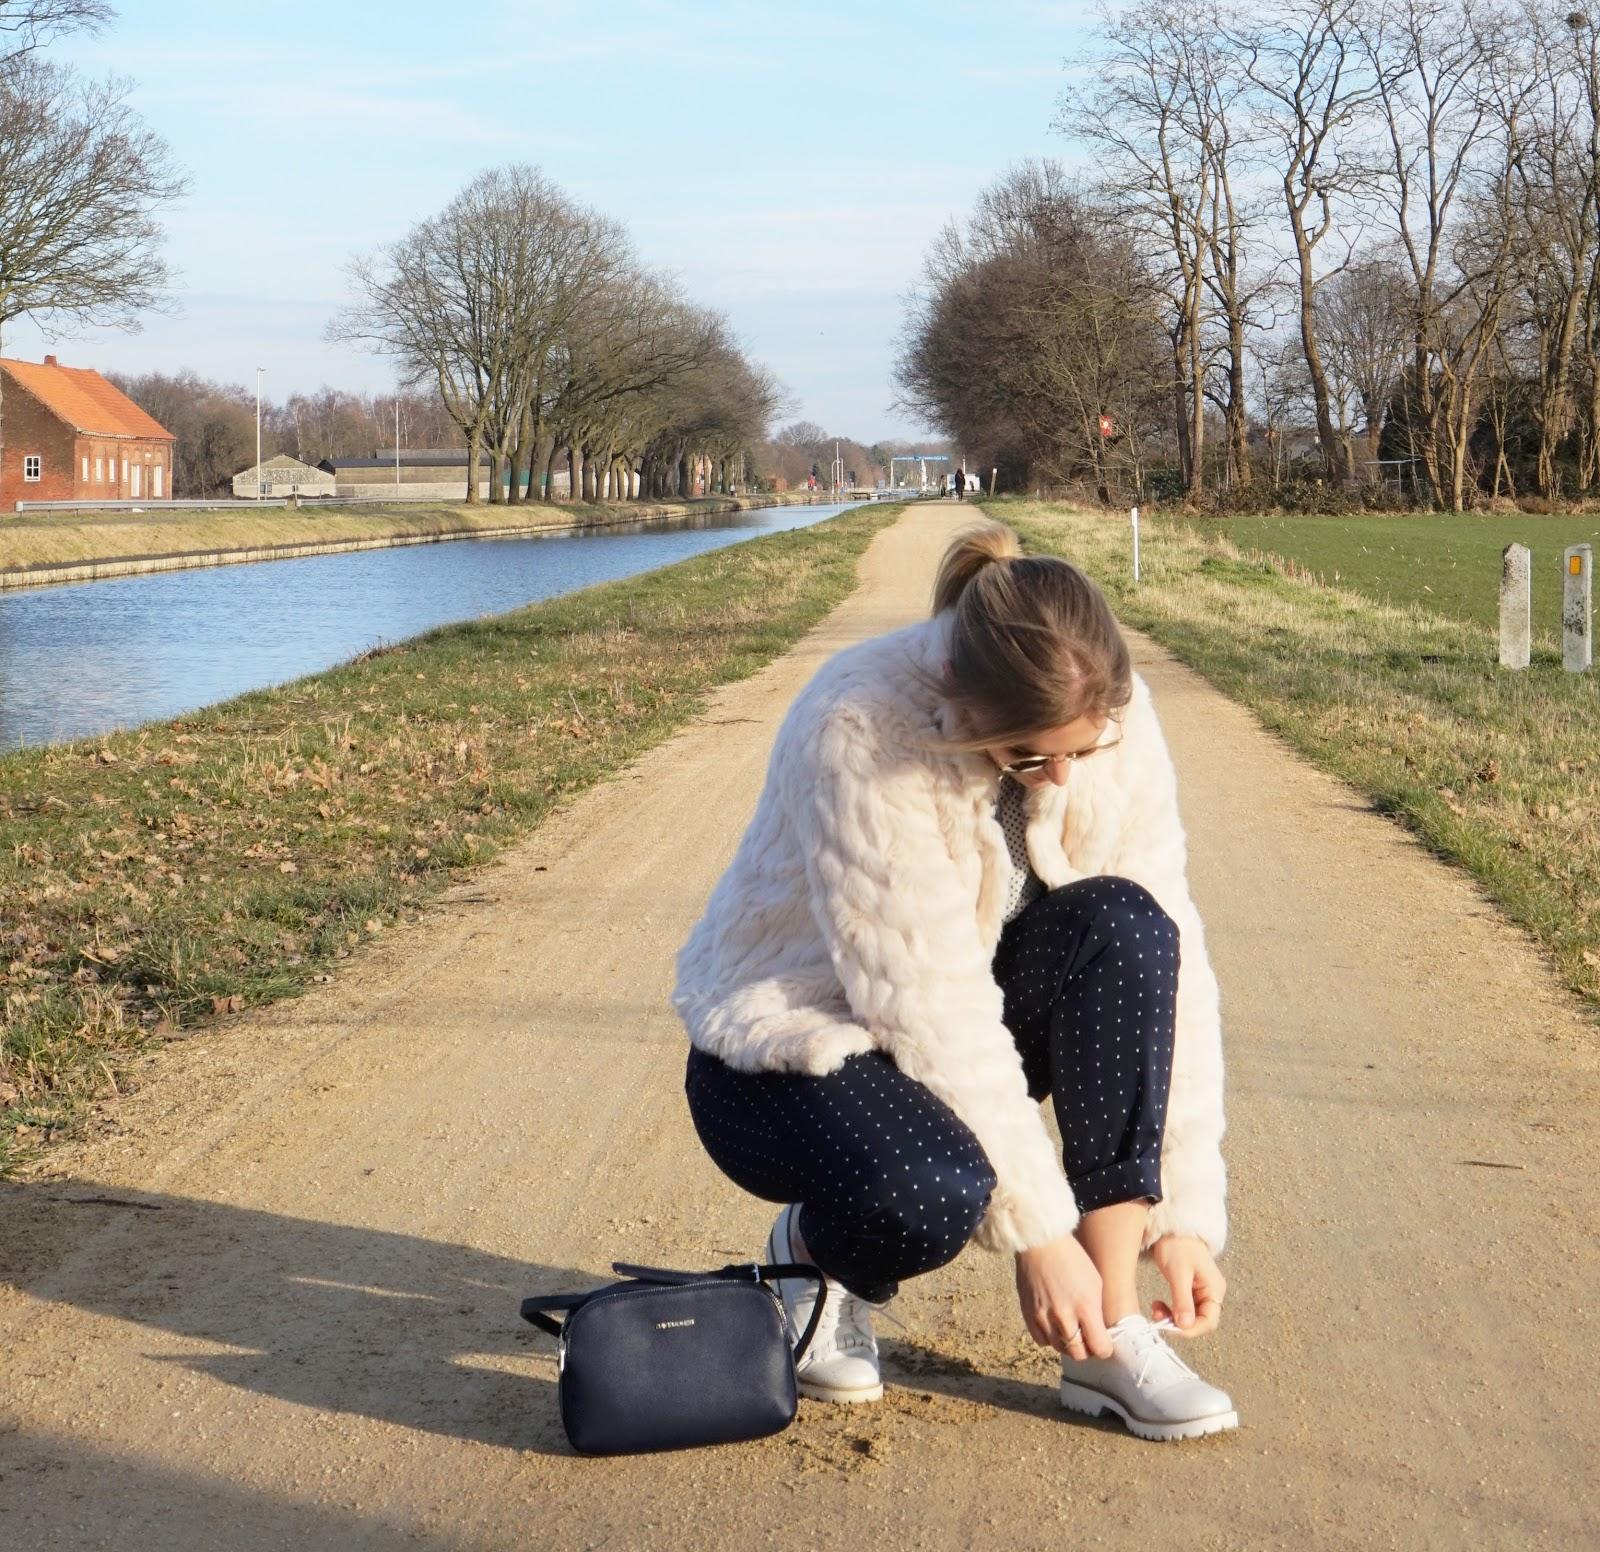 DSC03969 | Eline Van Dingenen